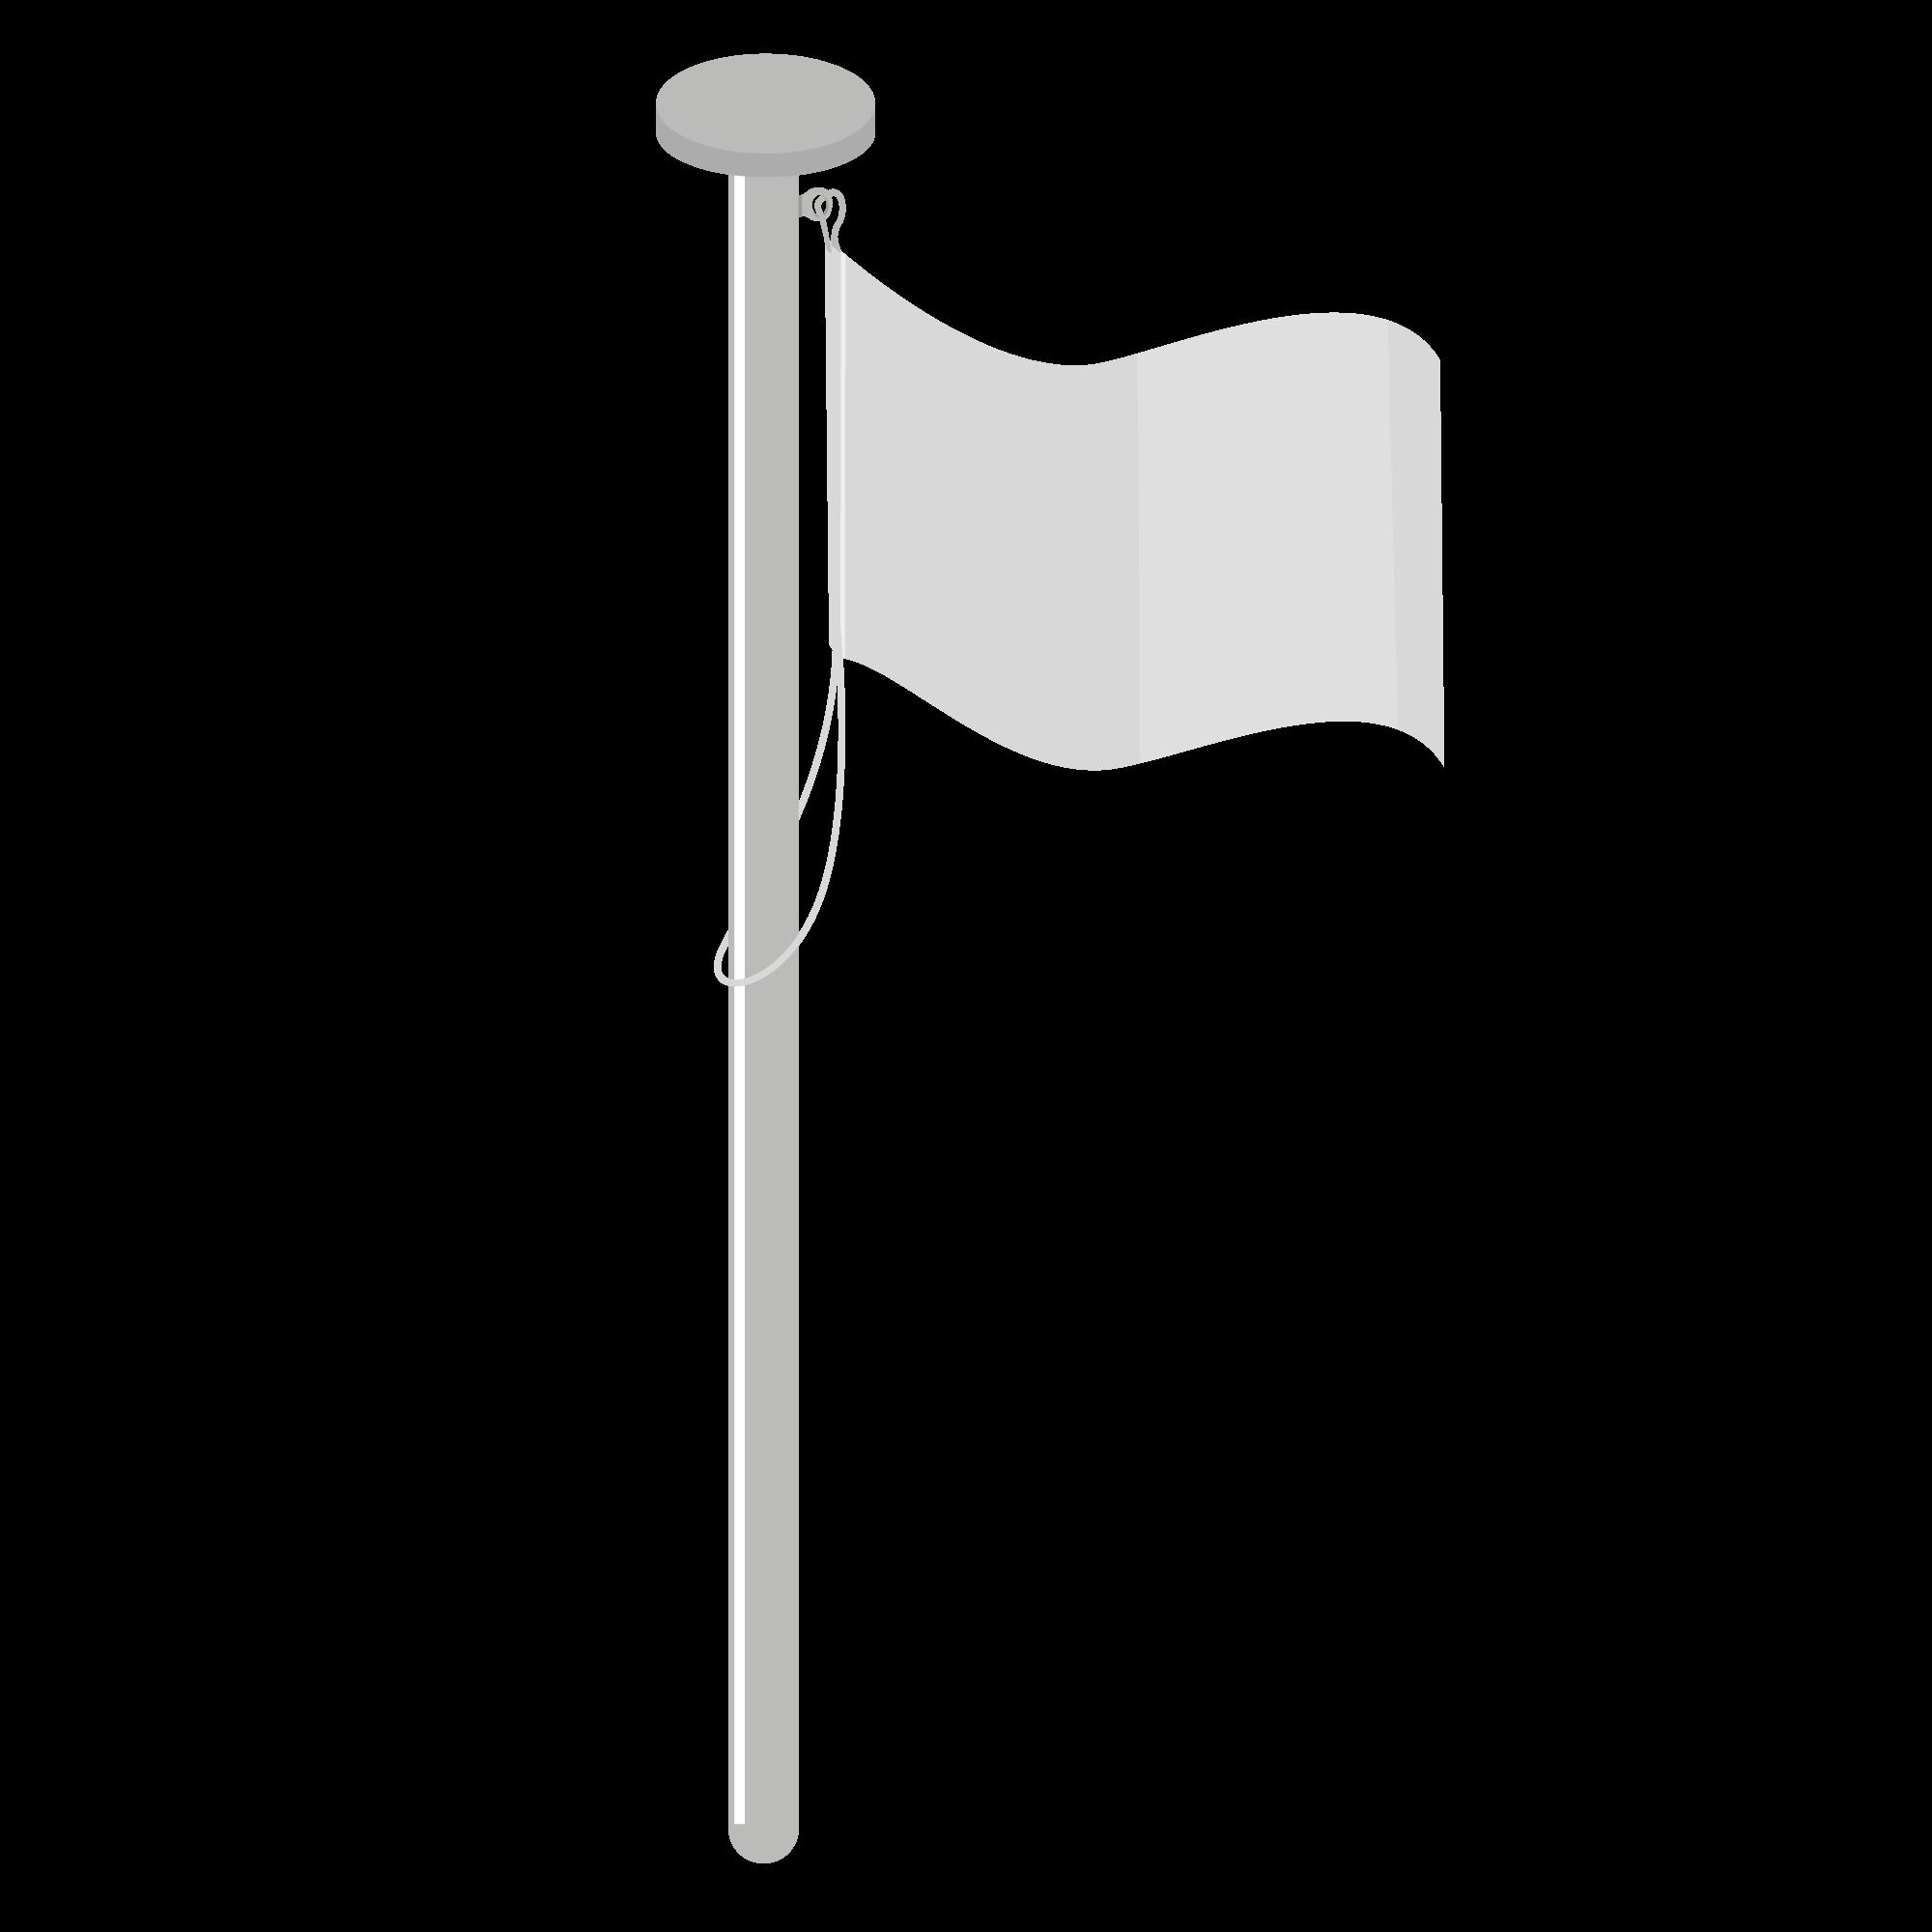 Vlaggenmasten - Signaal Vlaggenservice